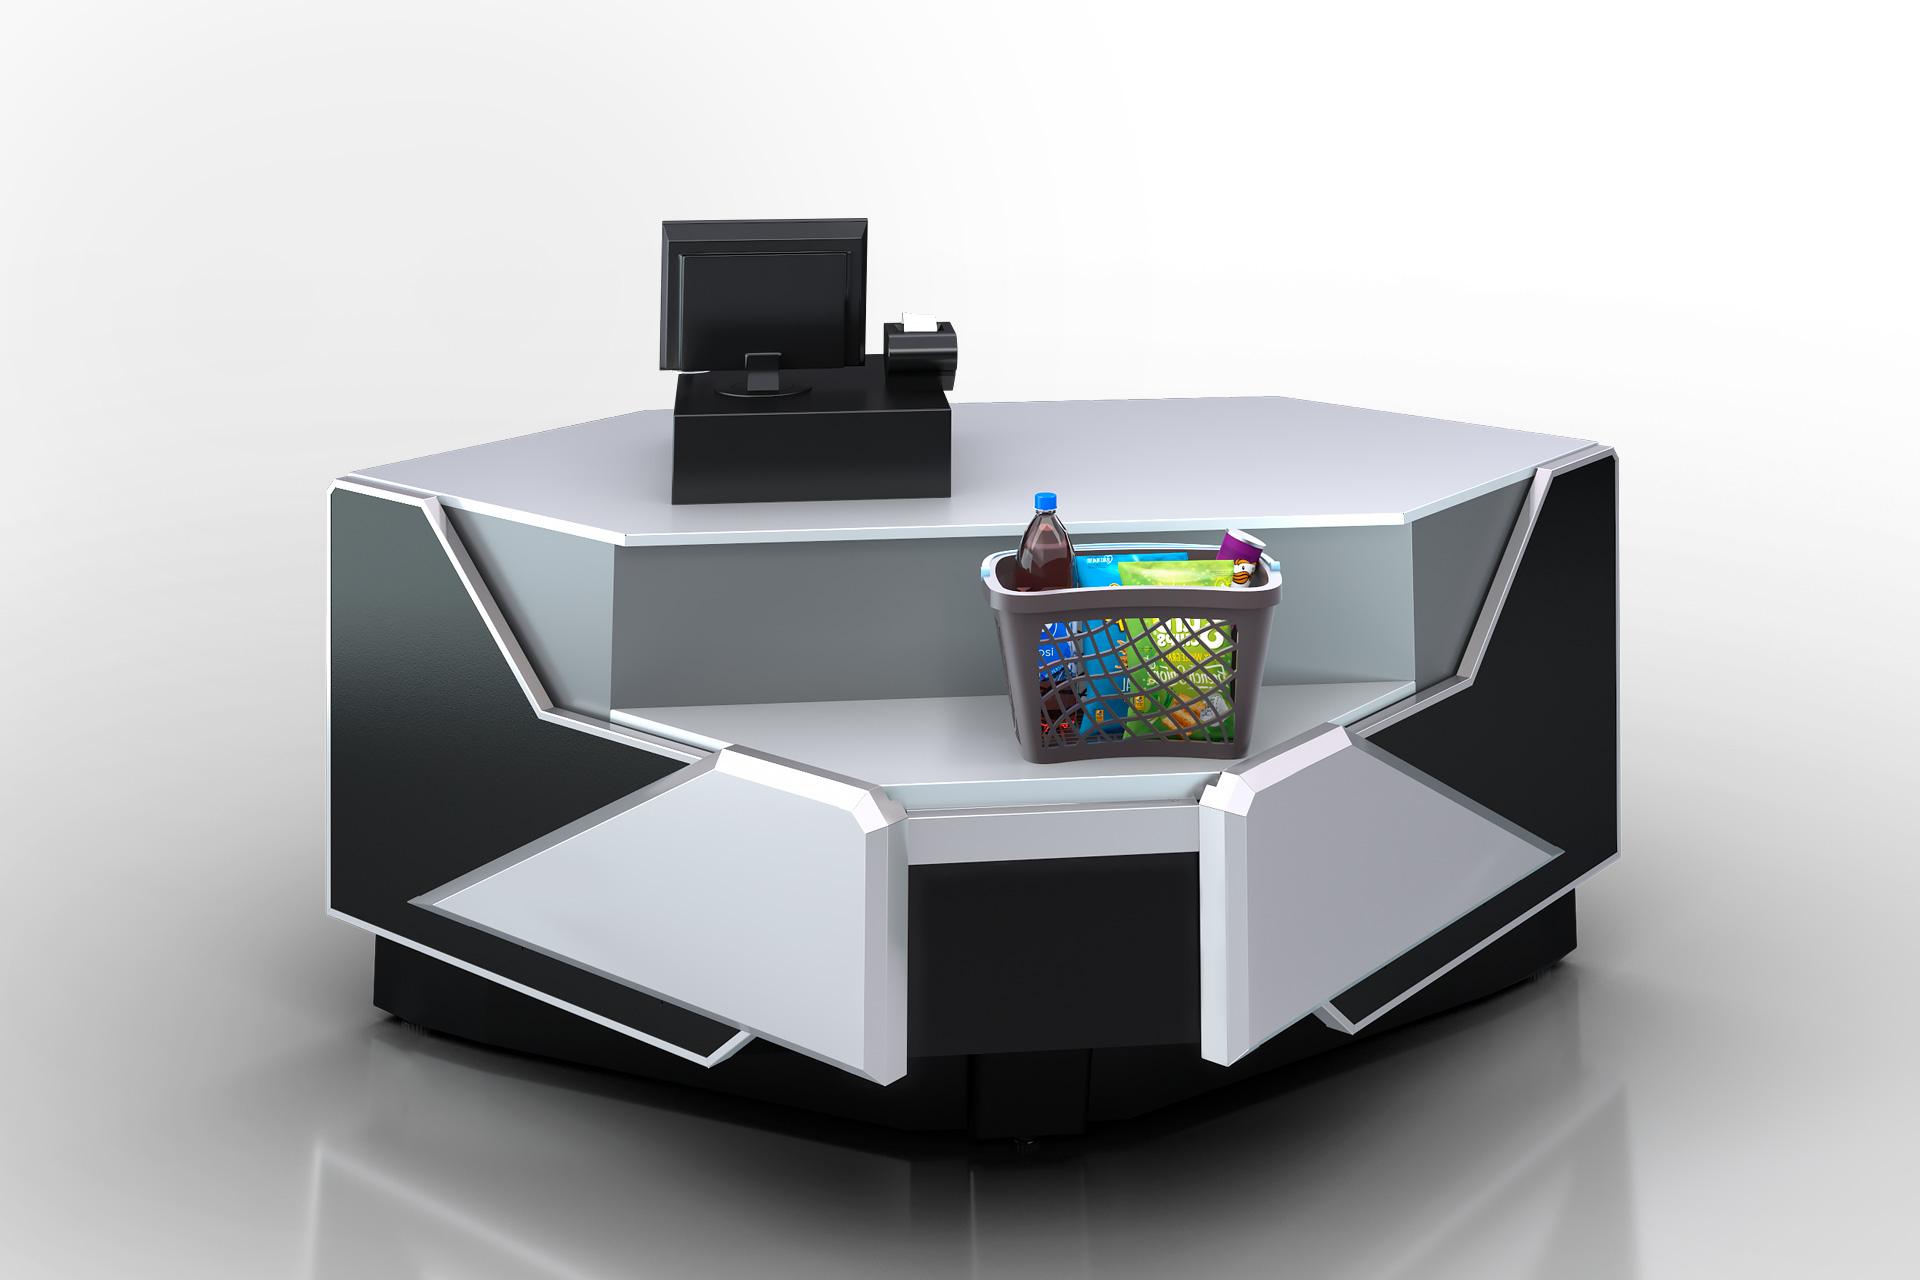 Вітрина Missouri enigma NC 122 cash desk 084-IR90